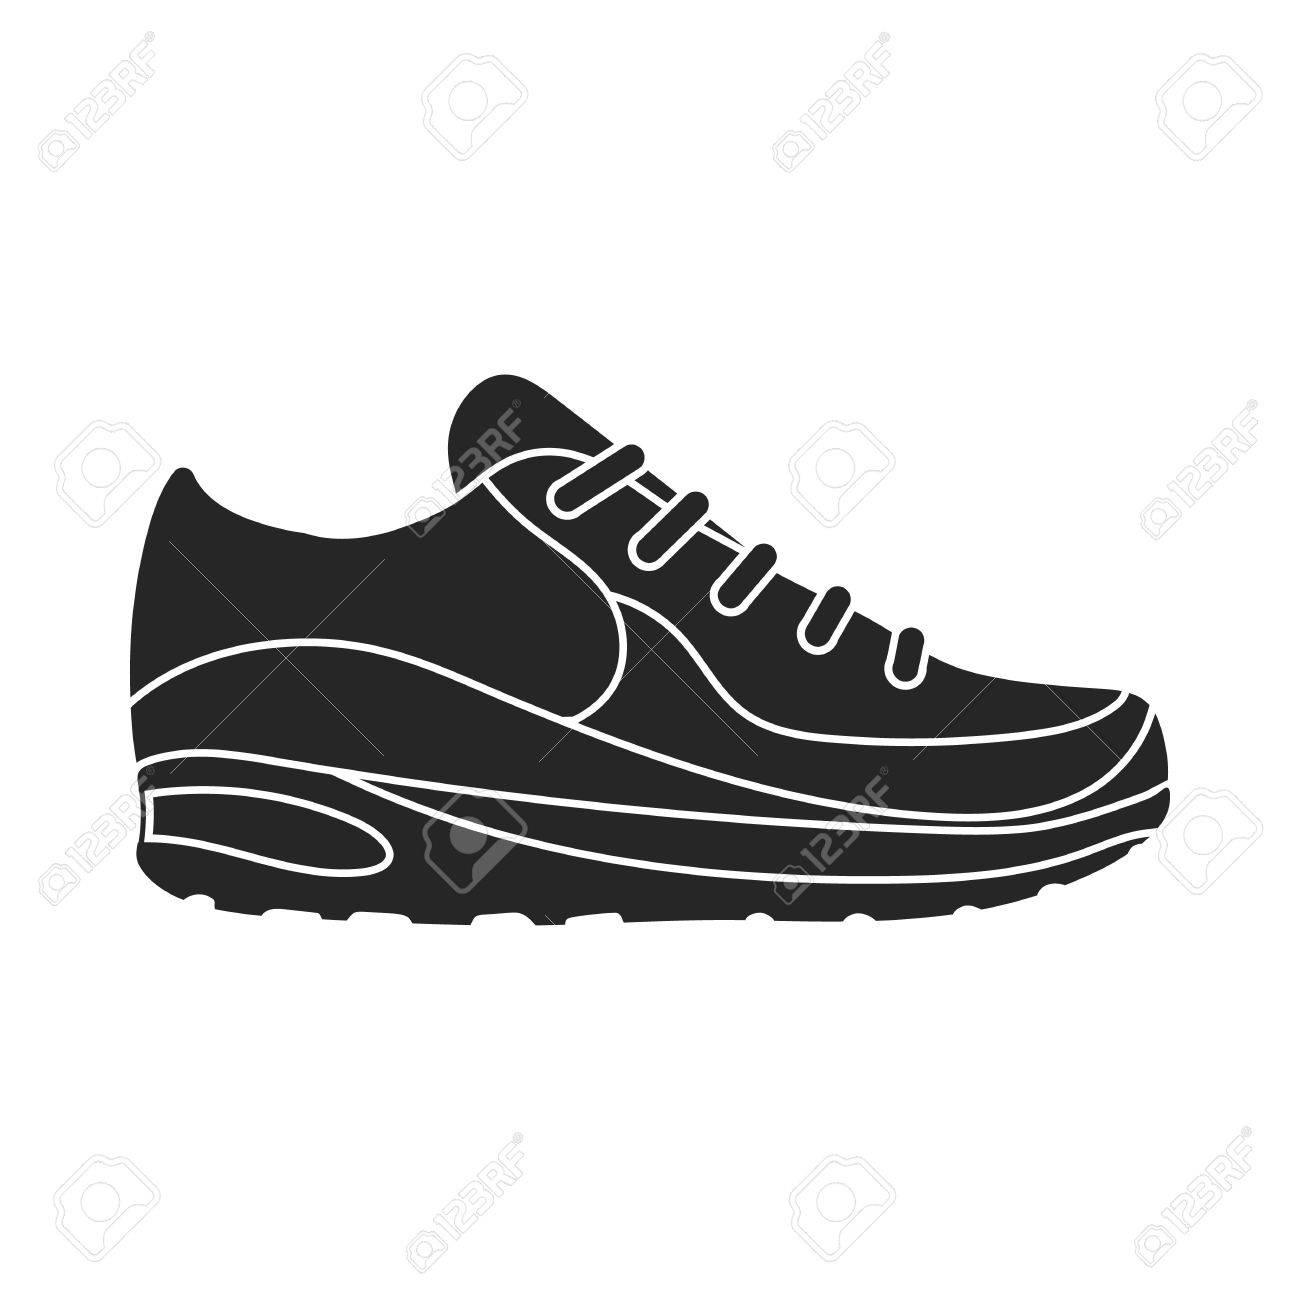 Sneakers pictogram in zwarte stijl geïsoleerd op een witte achtergrond. Schoenen symbool vectorillustratie.